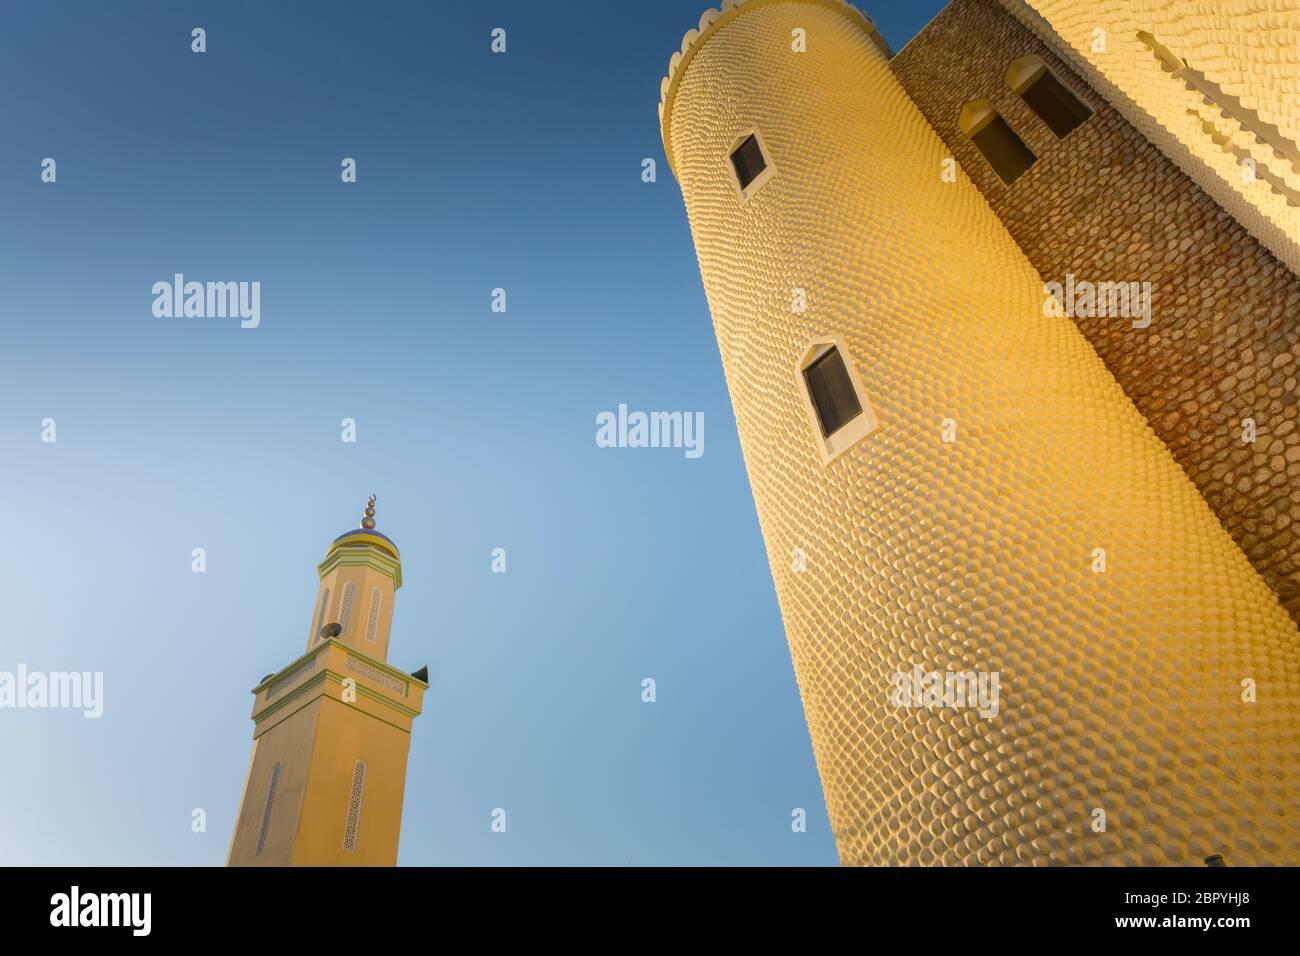 Vista nocturna de la mezquita en el zoco de Muttrah, Mascate, Omán, Oriente Medio, Asia Foto de stock